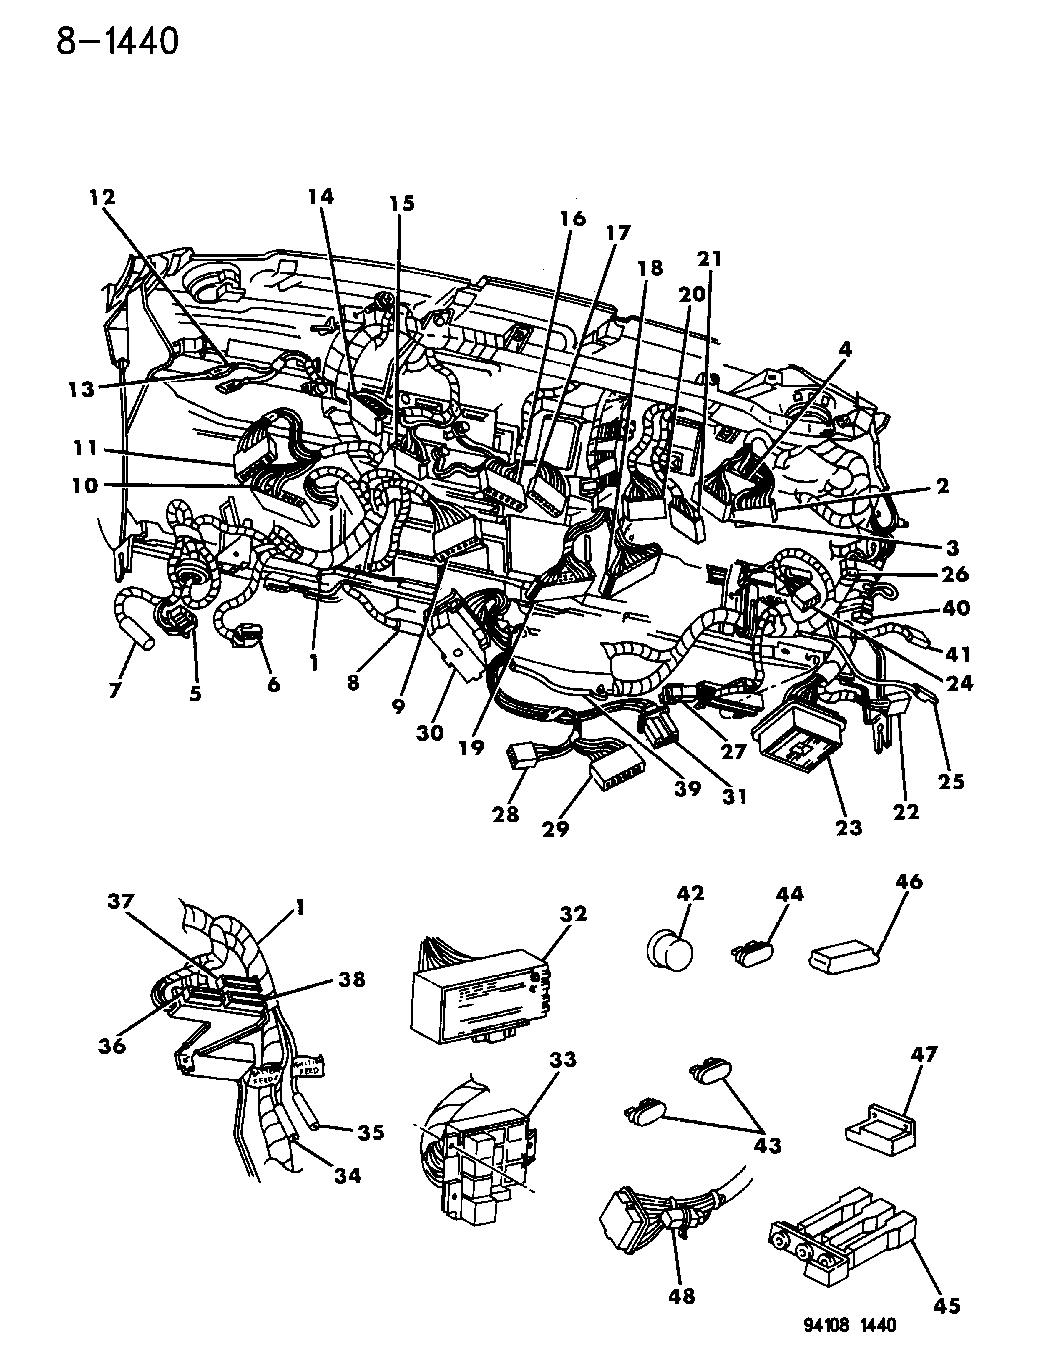 1995 Dodge Caravan Wiring - Instrument Panel